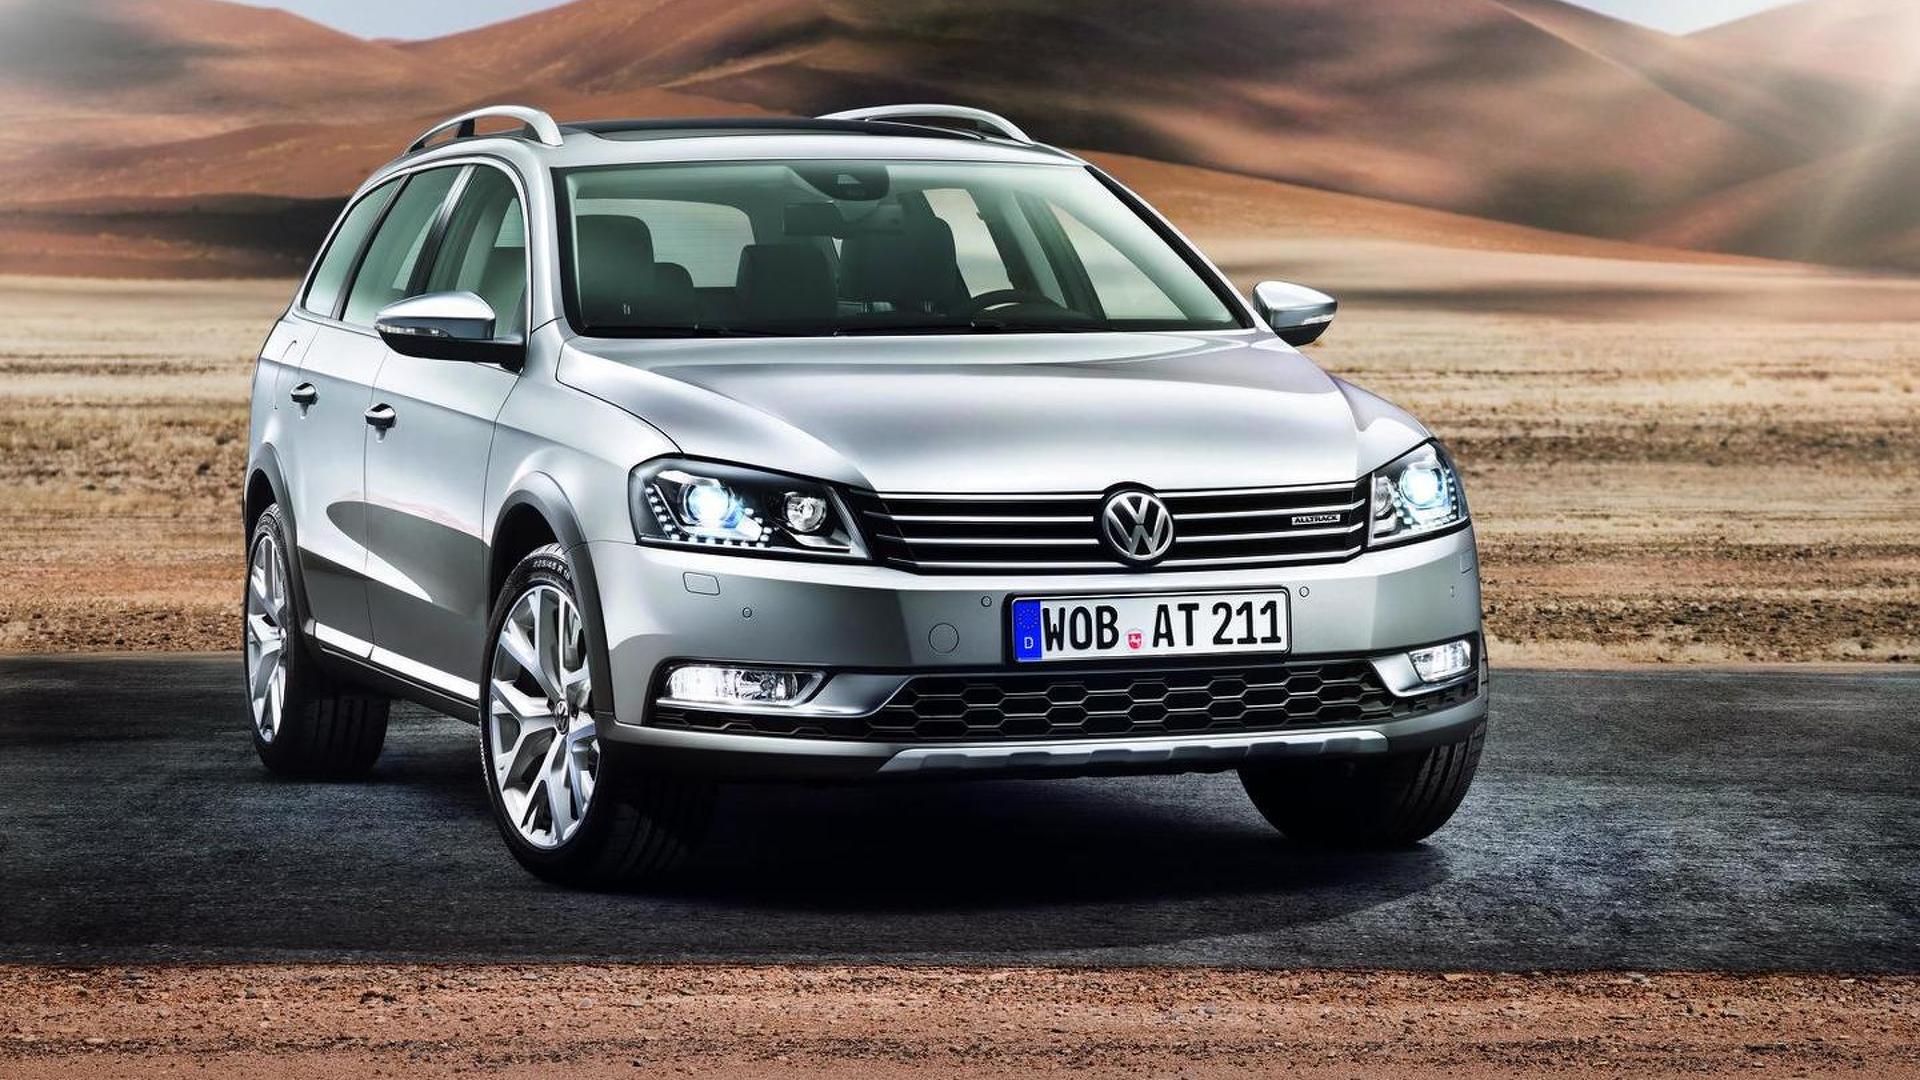 No U S edition for Volkswagen Passat Alltrack